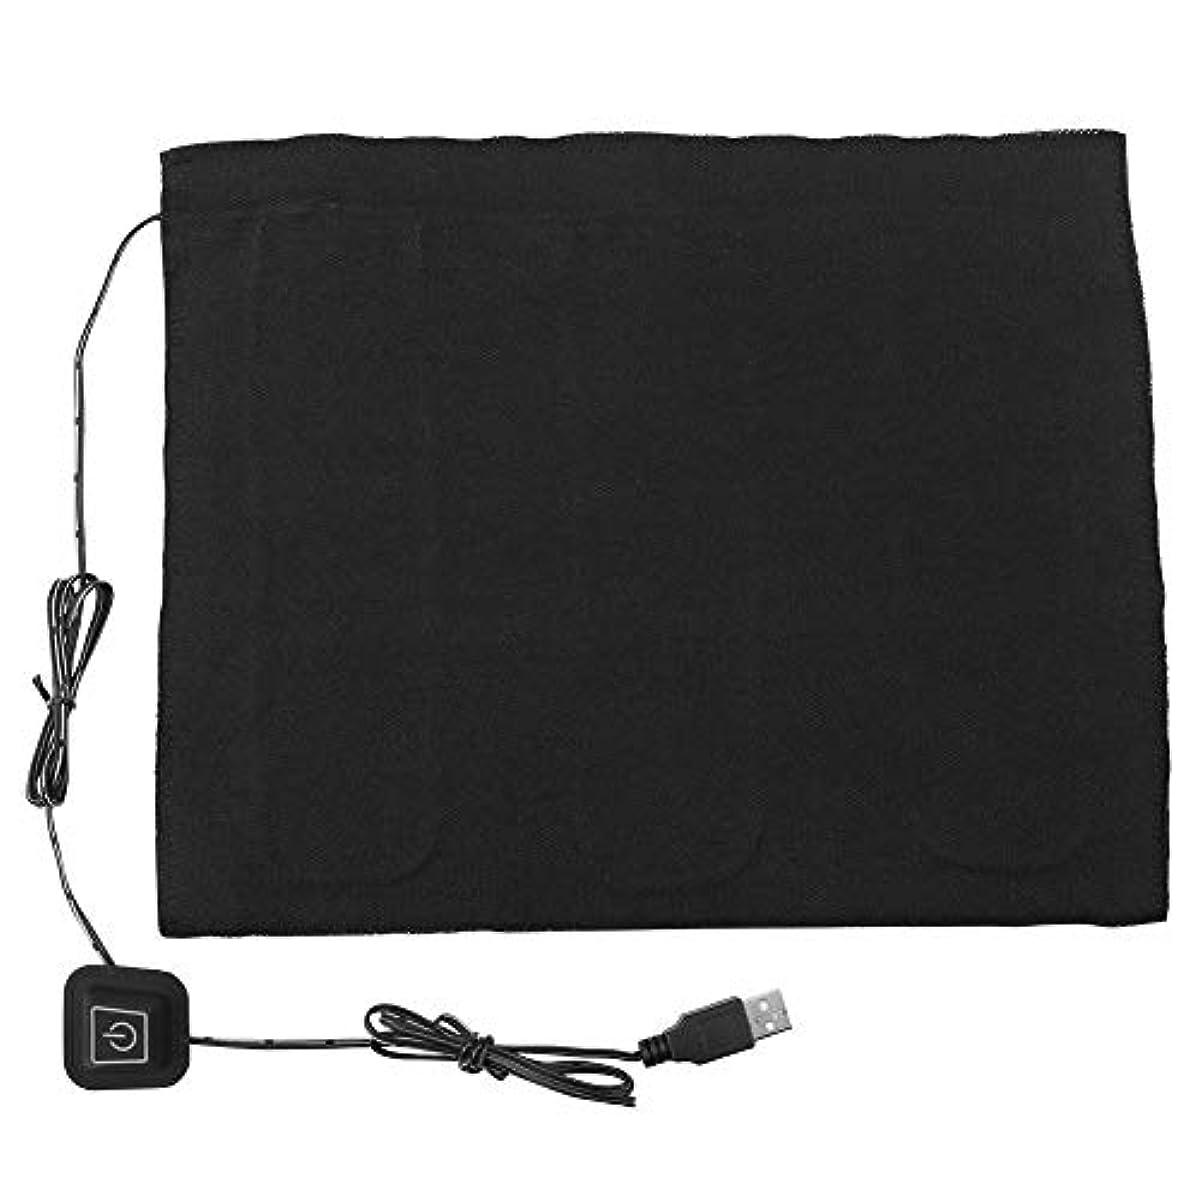 で出来ている詐欺師視線電気布ヒーターパッド、首の腹部の腰部加熱、加熱パッドペットウォーマー用DC 5 v 3シフトUSB発熱体